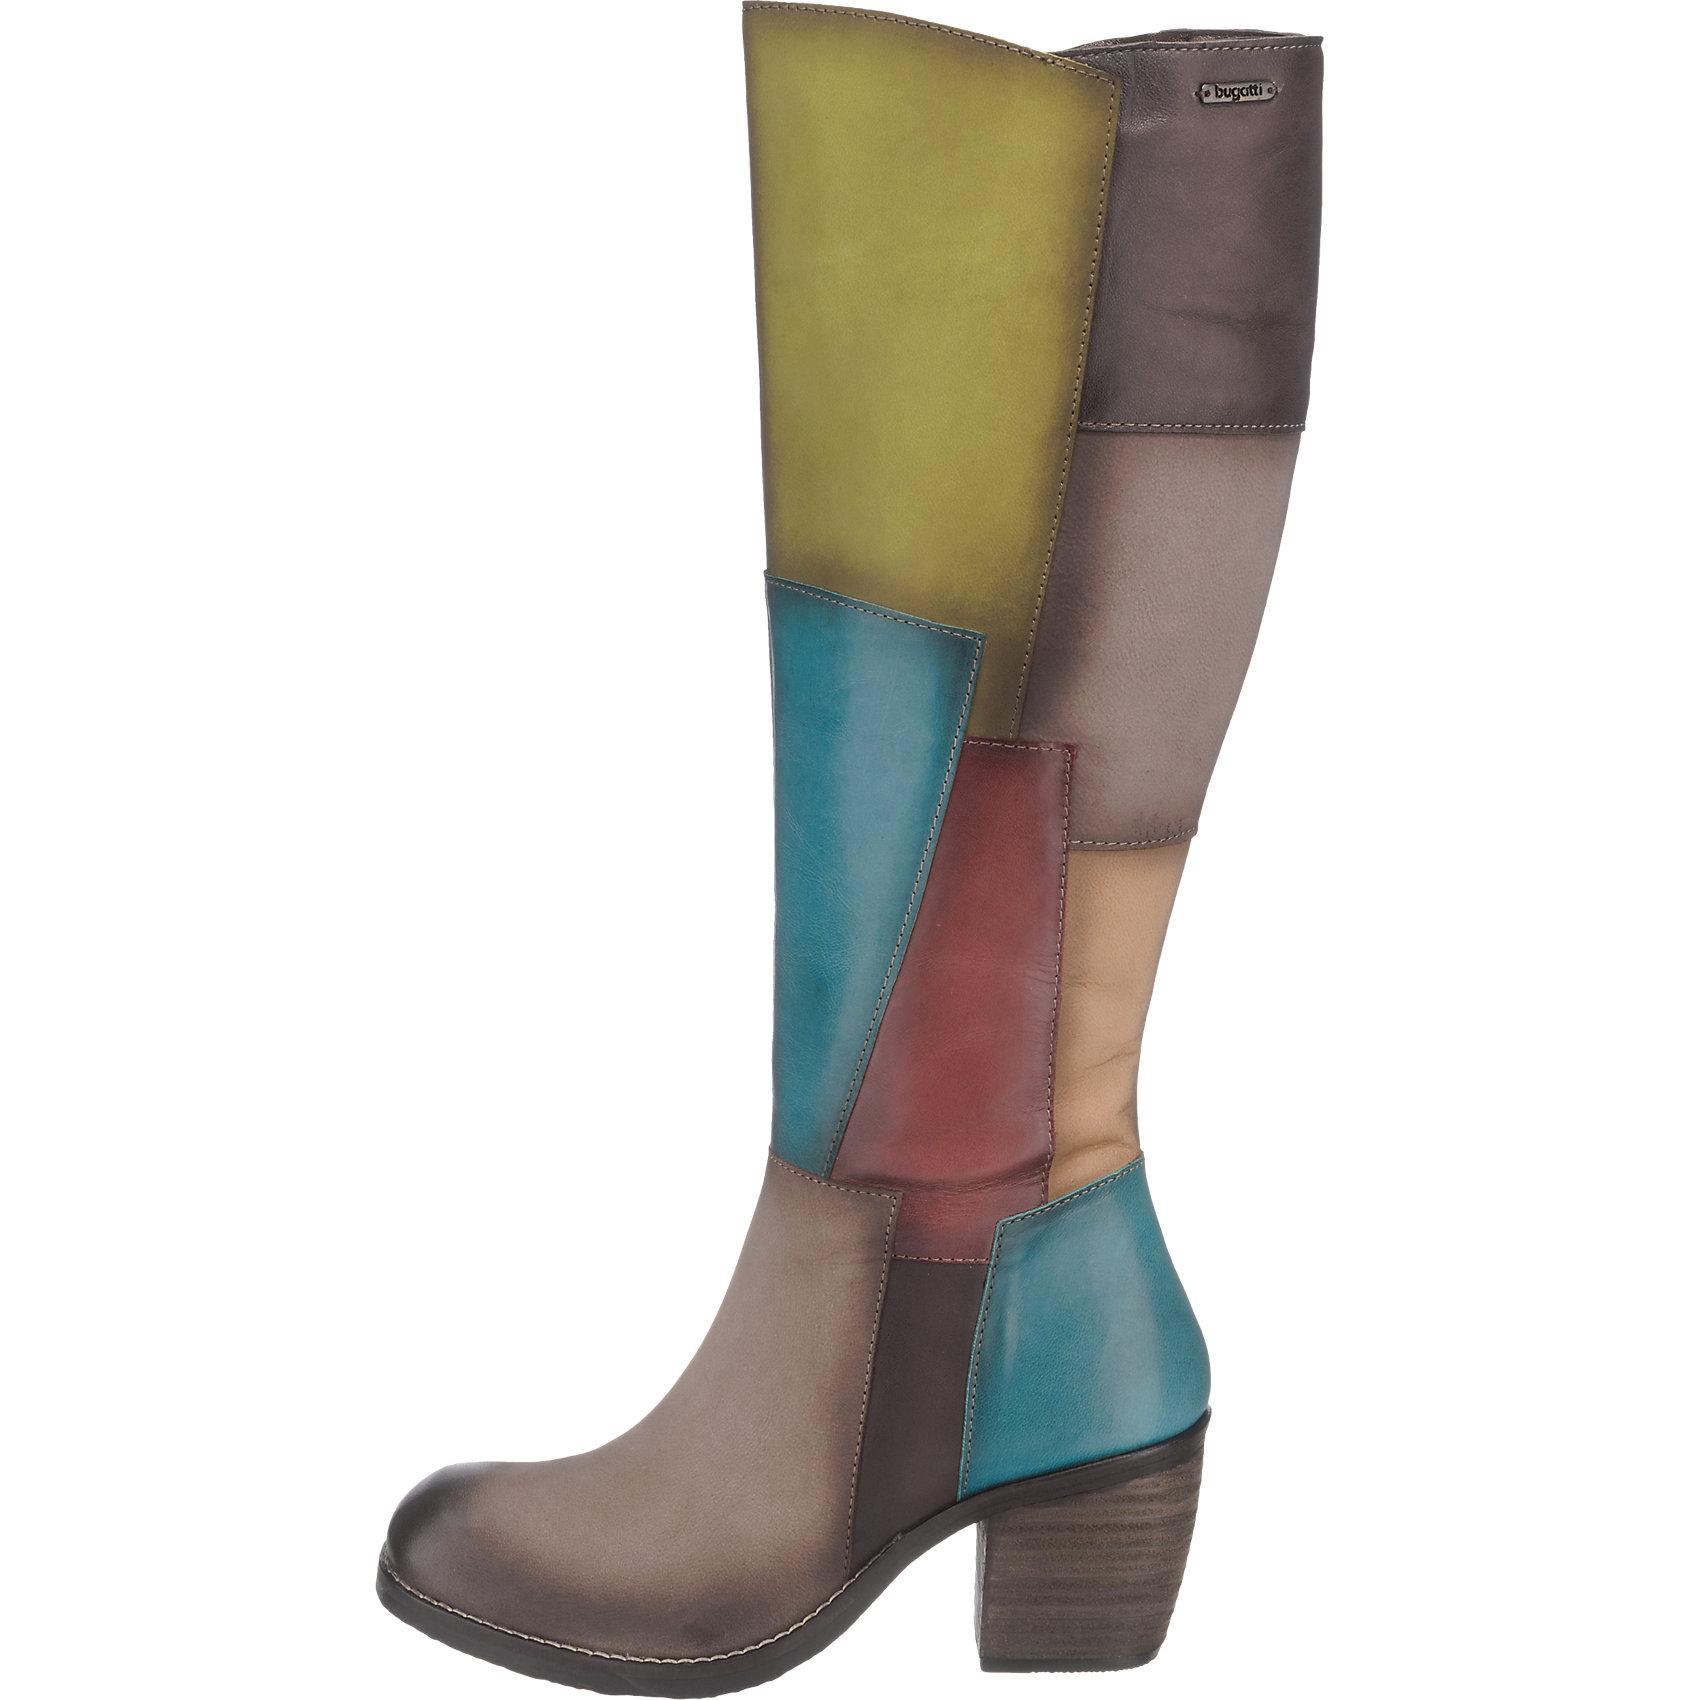 Neu bugatti  Stiefel Stiefel Stiefel mehrfarbig 5758260 64d55d